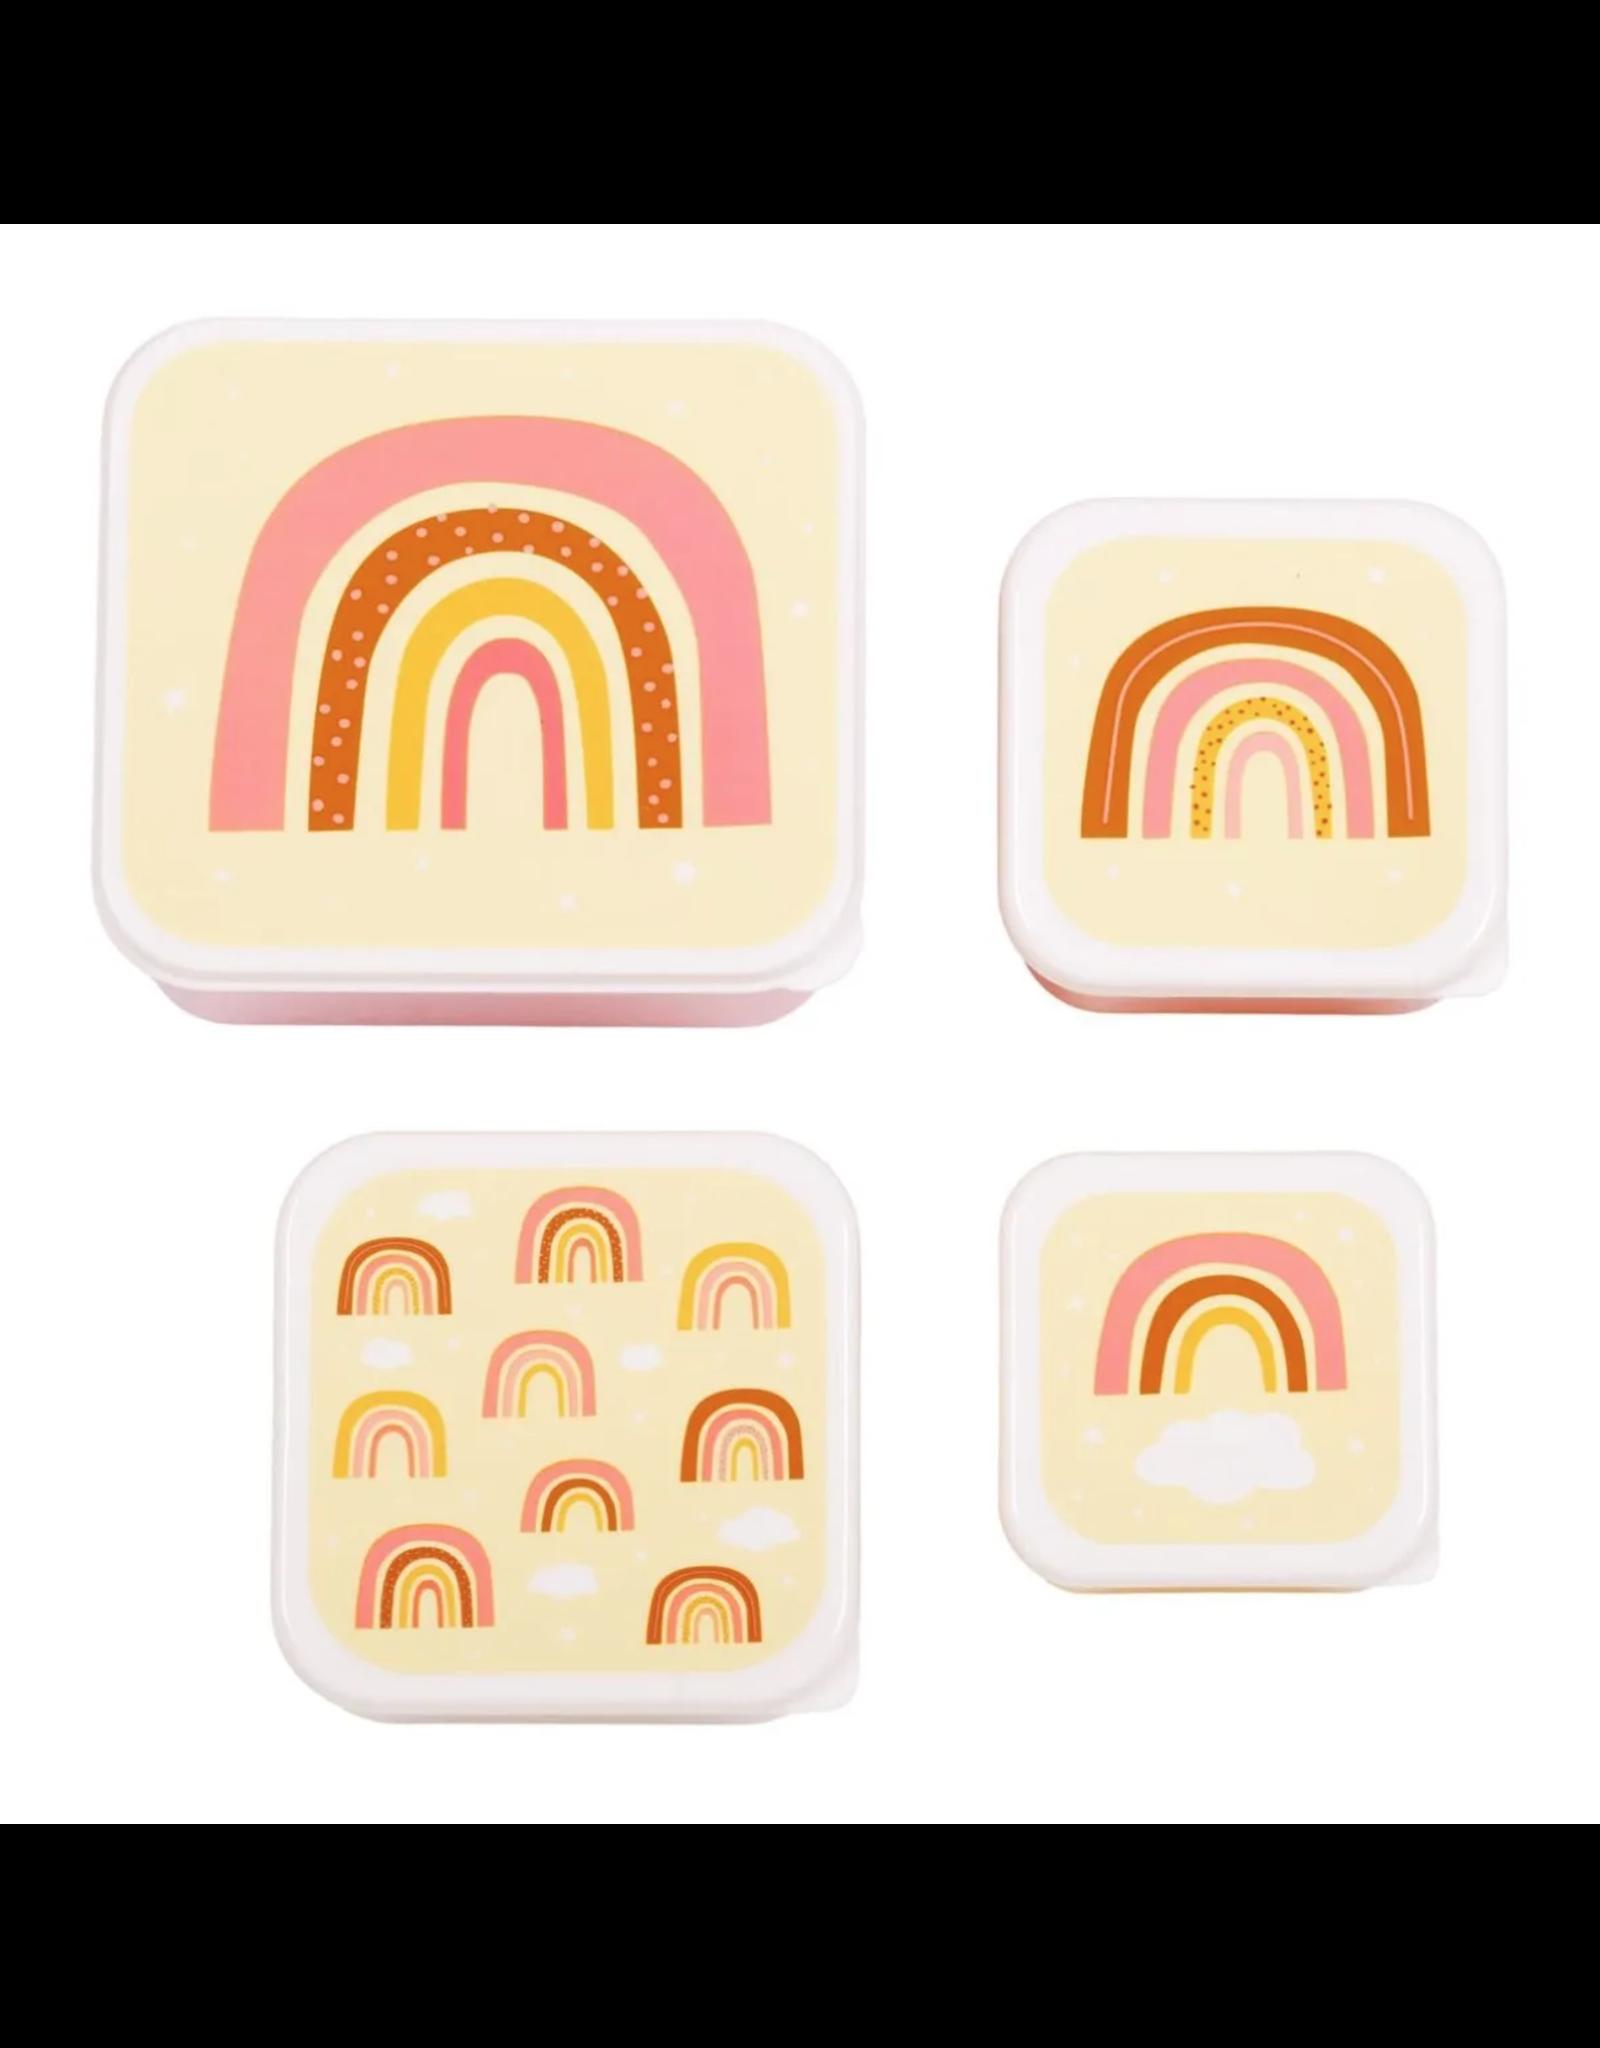 Brood- & koekendoosjes regenboog